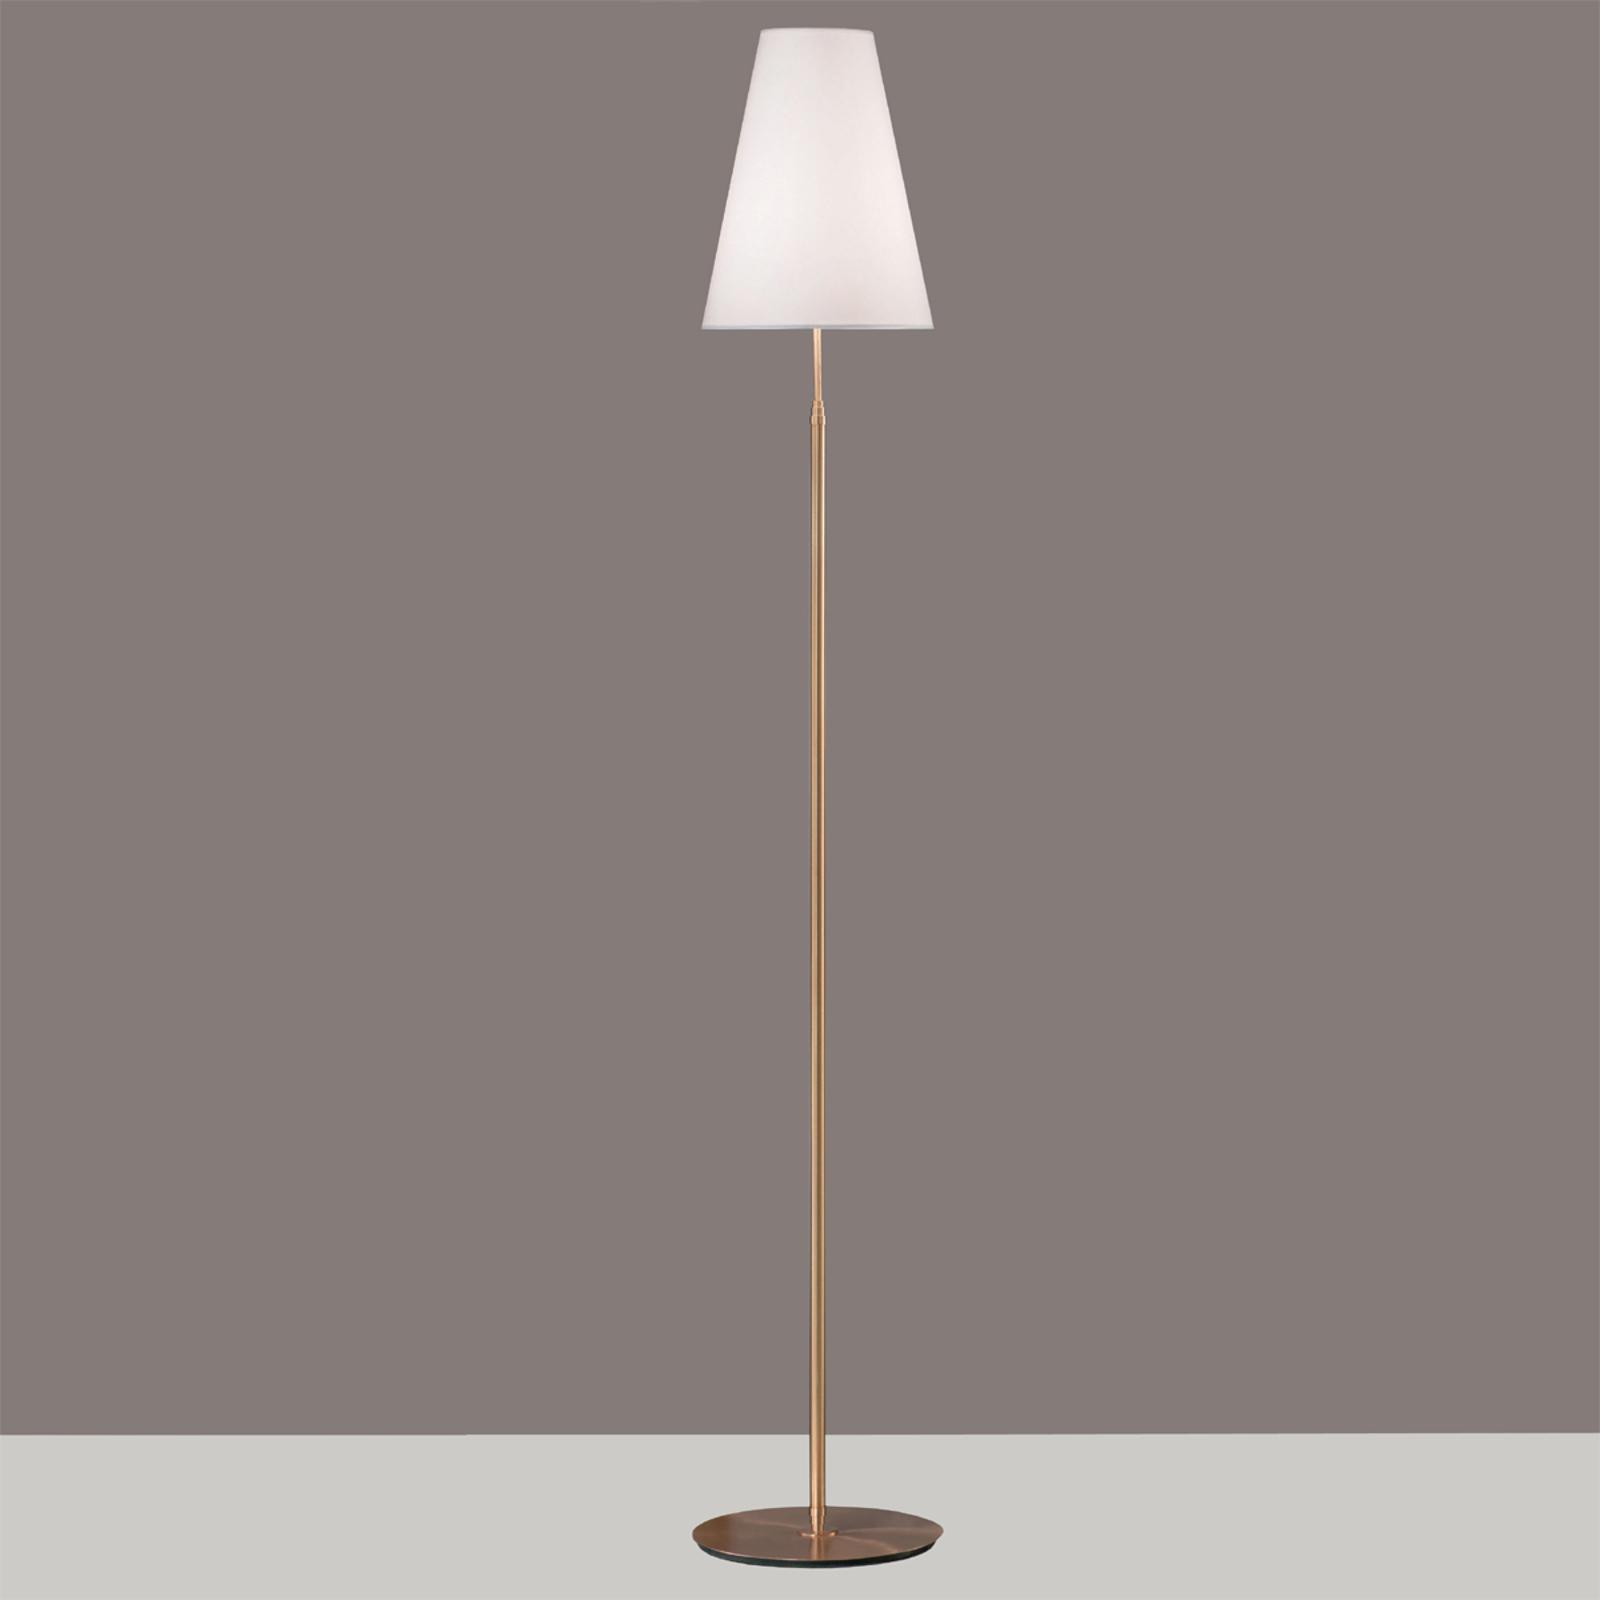 Lampa podłogowa Clemo z złotą podstawą